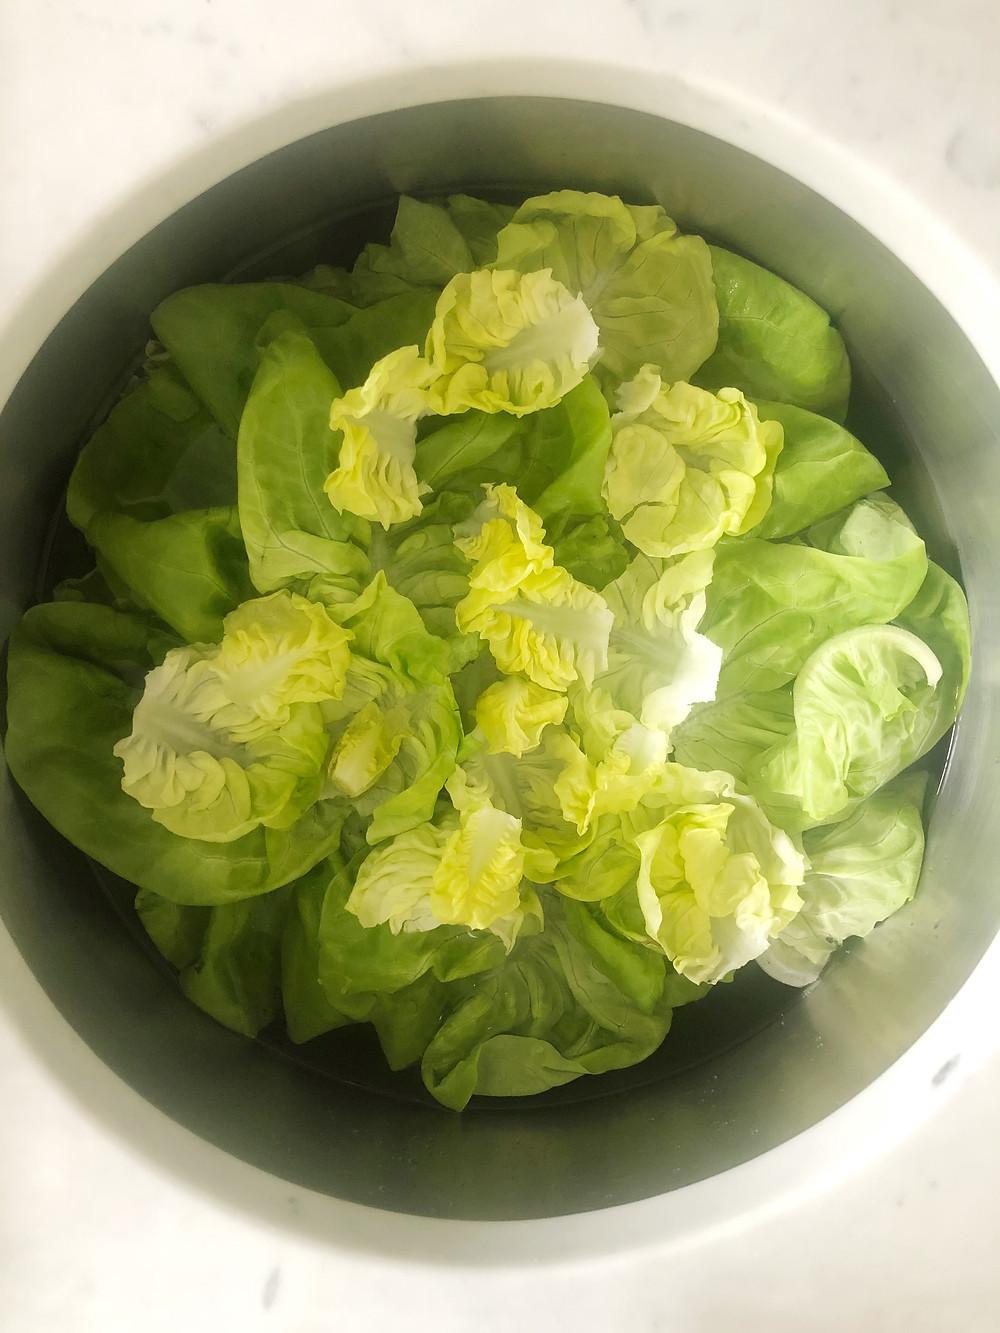 Bibb/Butter Lettuce